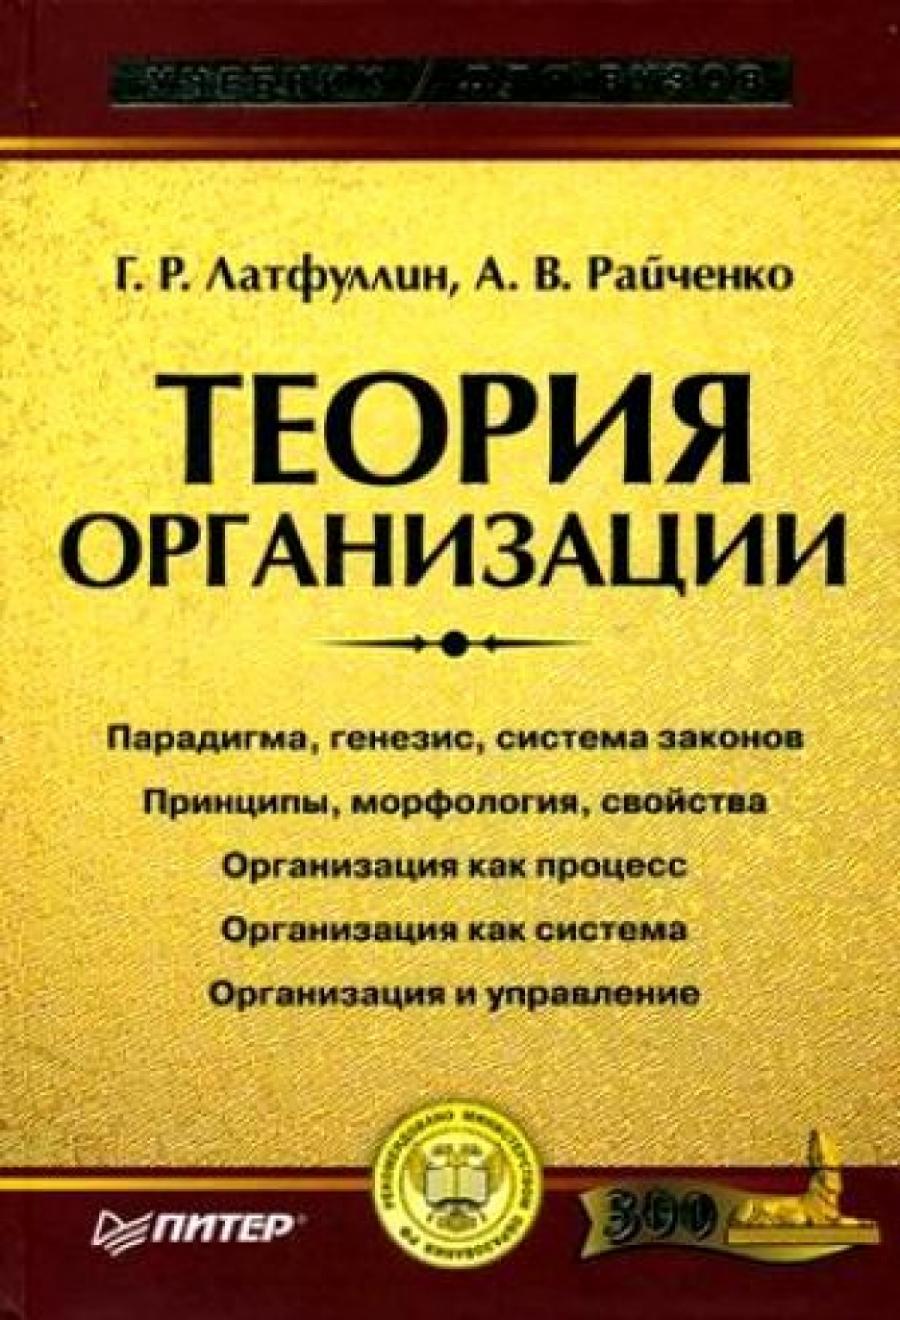 Обложка книги:  латфуллин г.р., райченко а.в. - теория организации